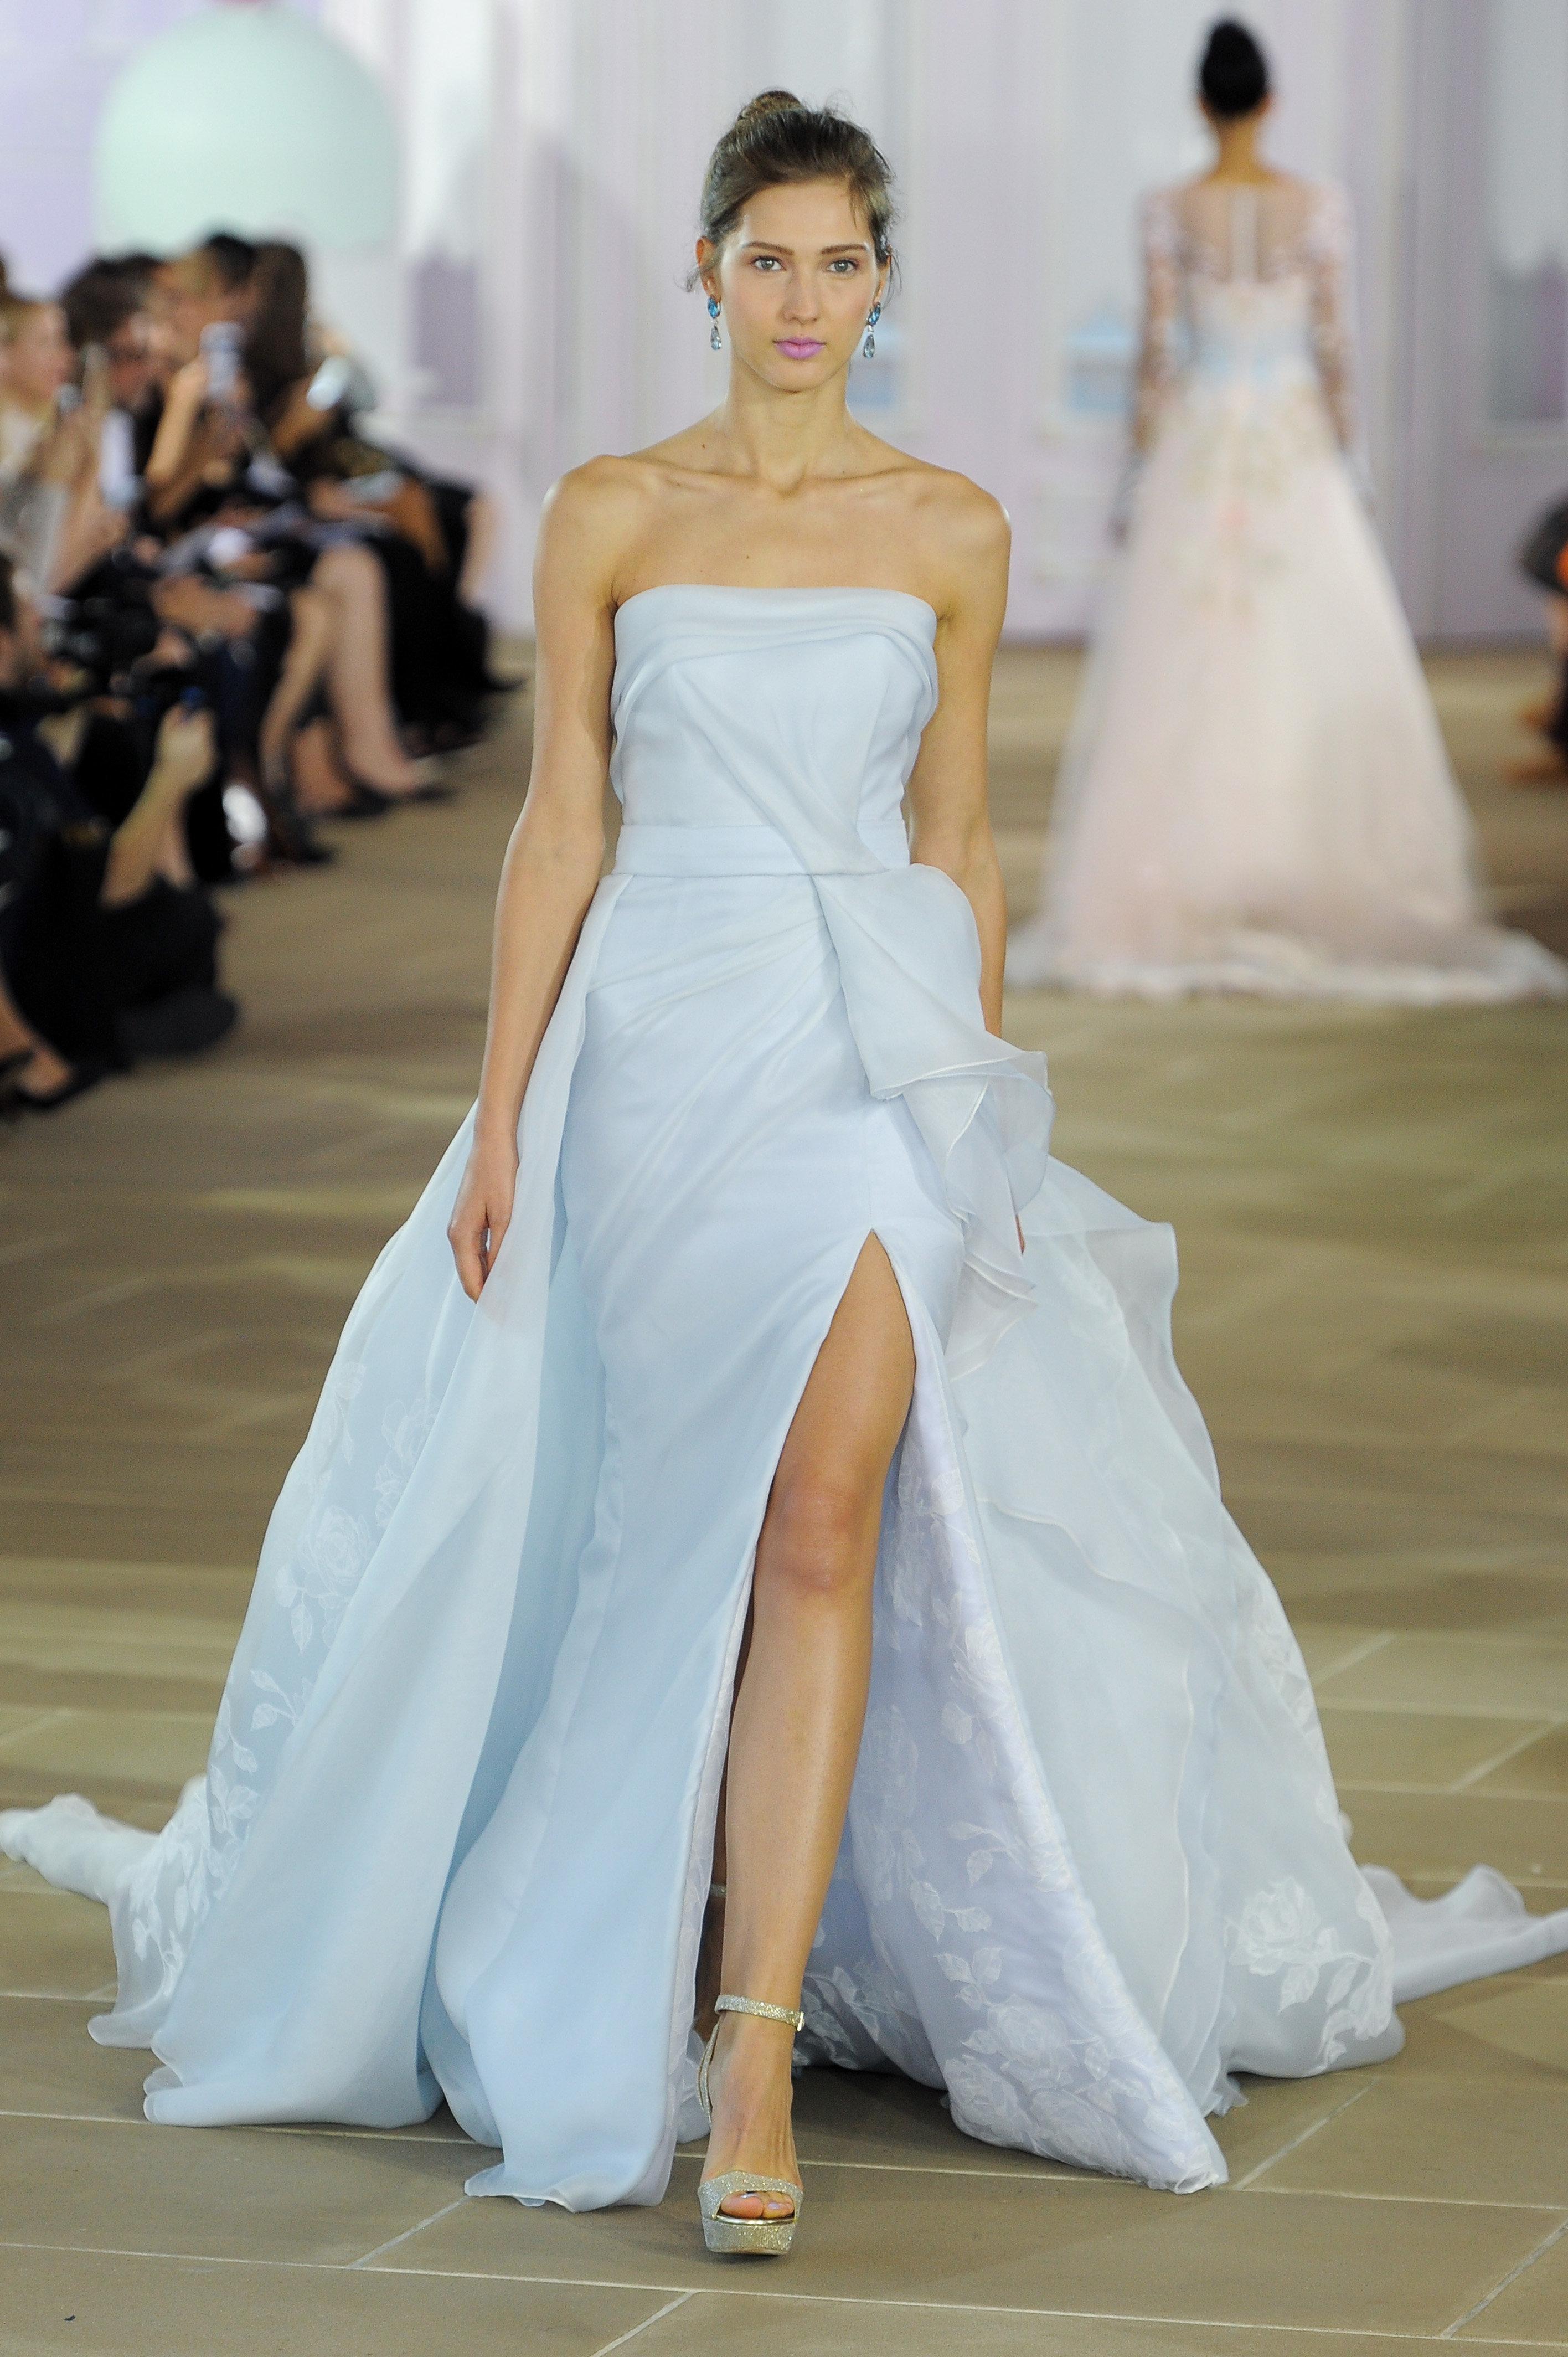 Gemütlich Zooey Deschanel Wedding Dress Fotos - Brautkleider Ideen ...